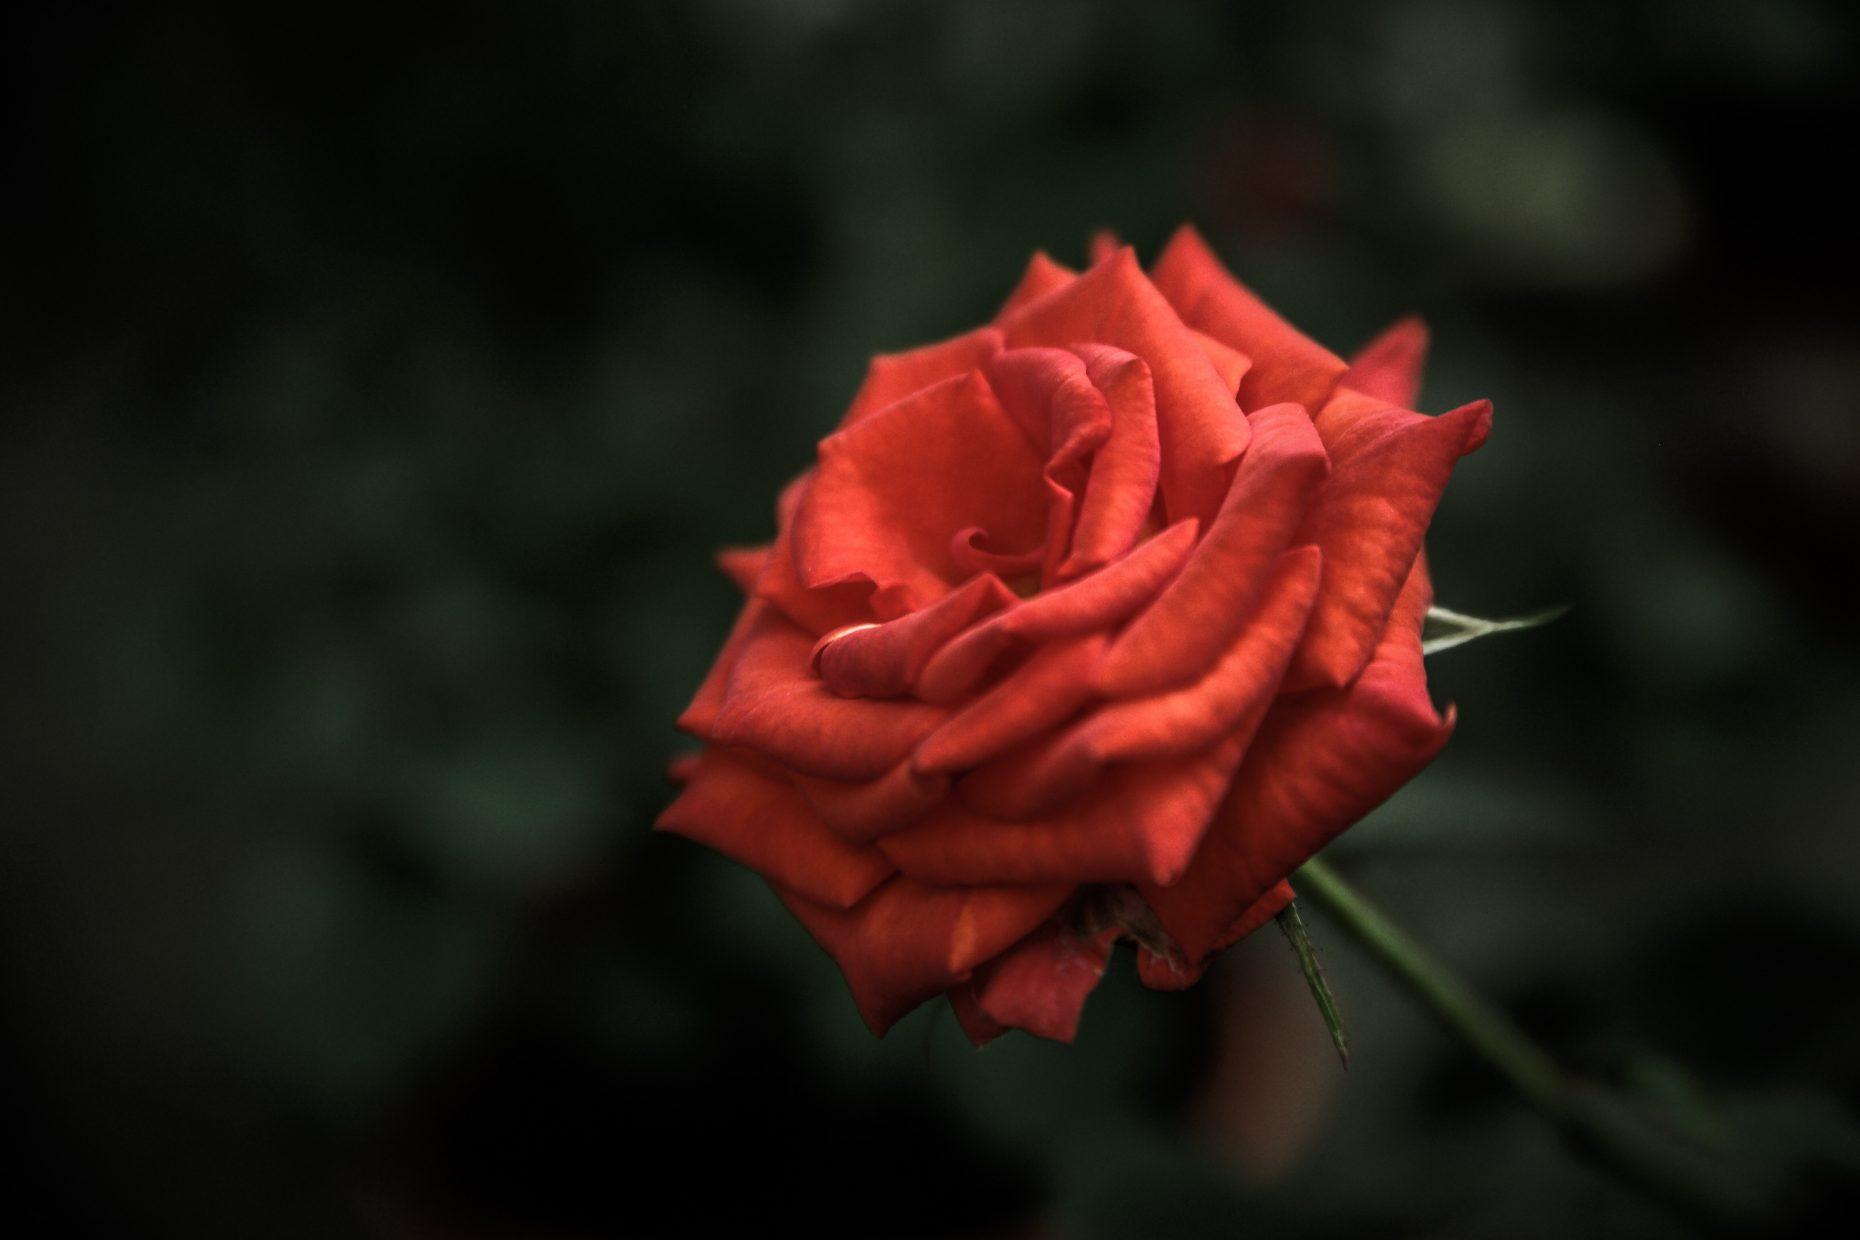 Säg det med en blomma